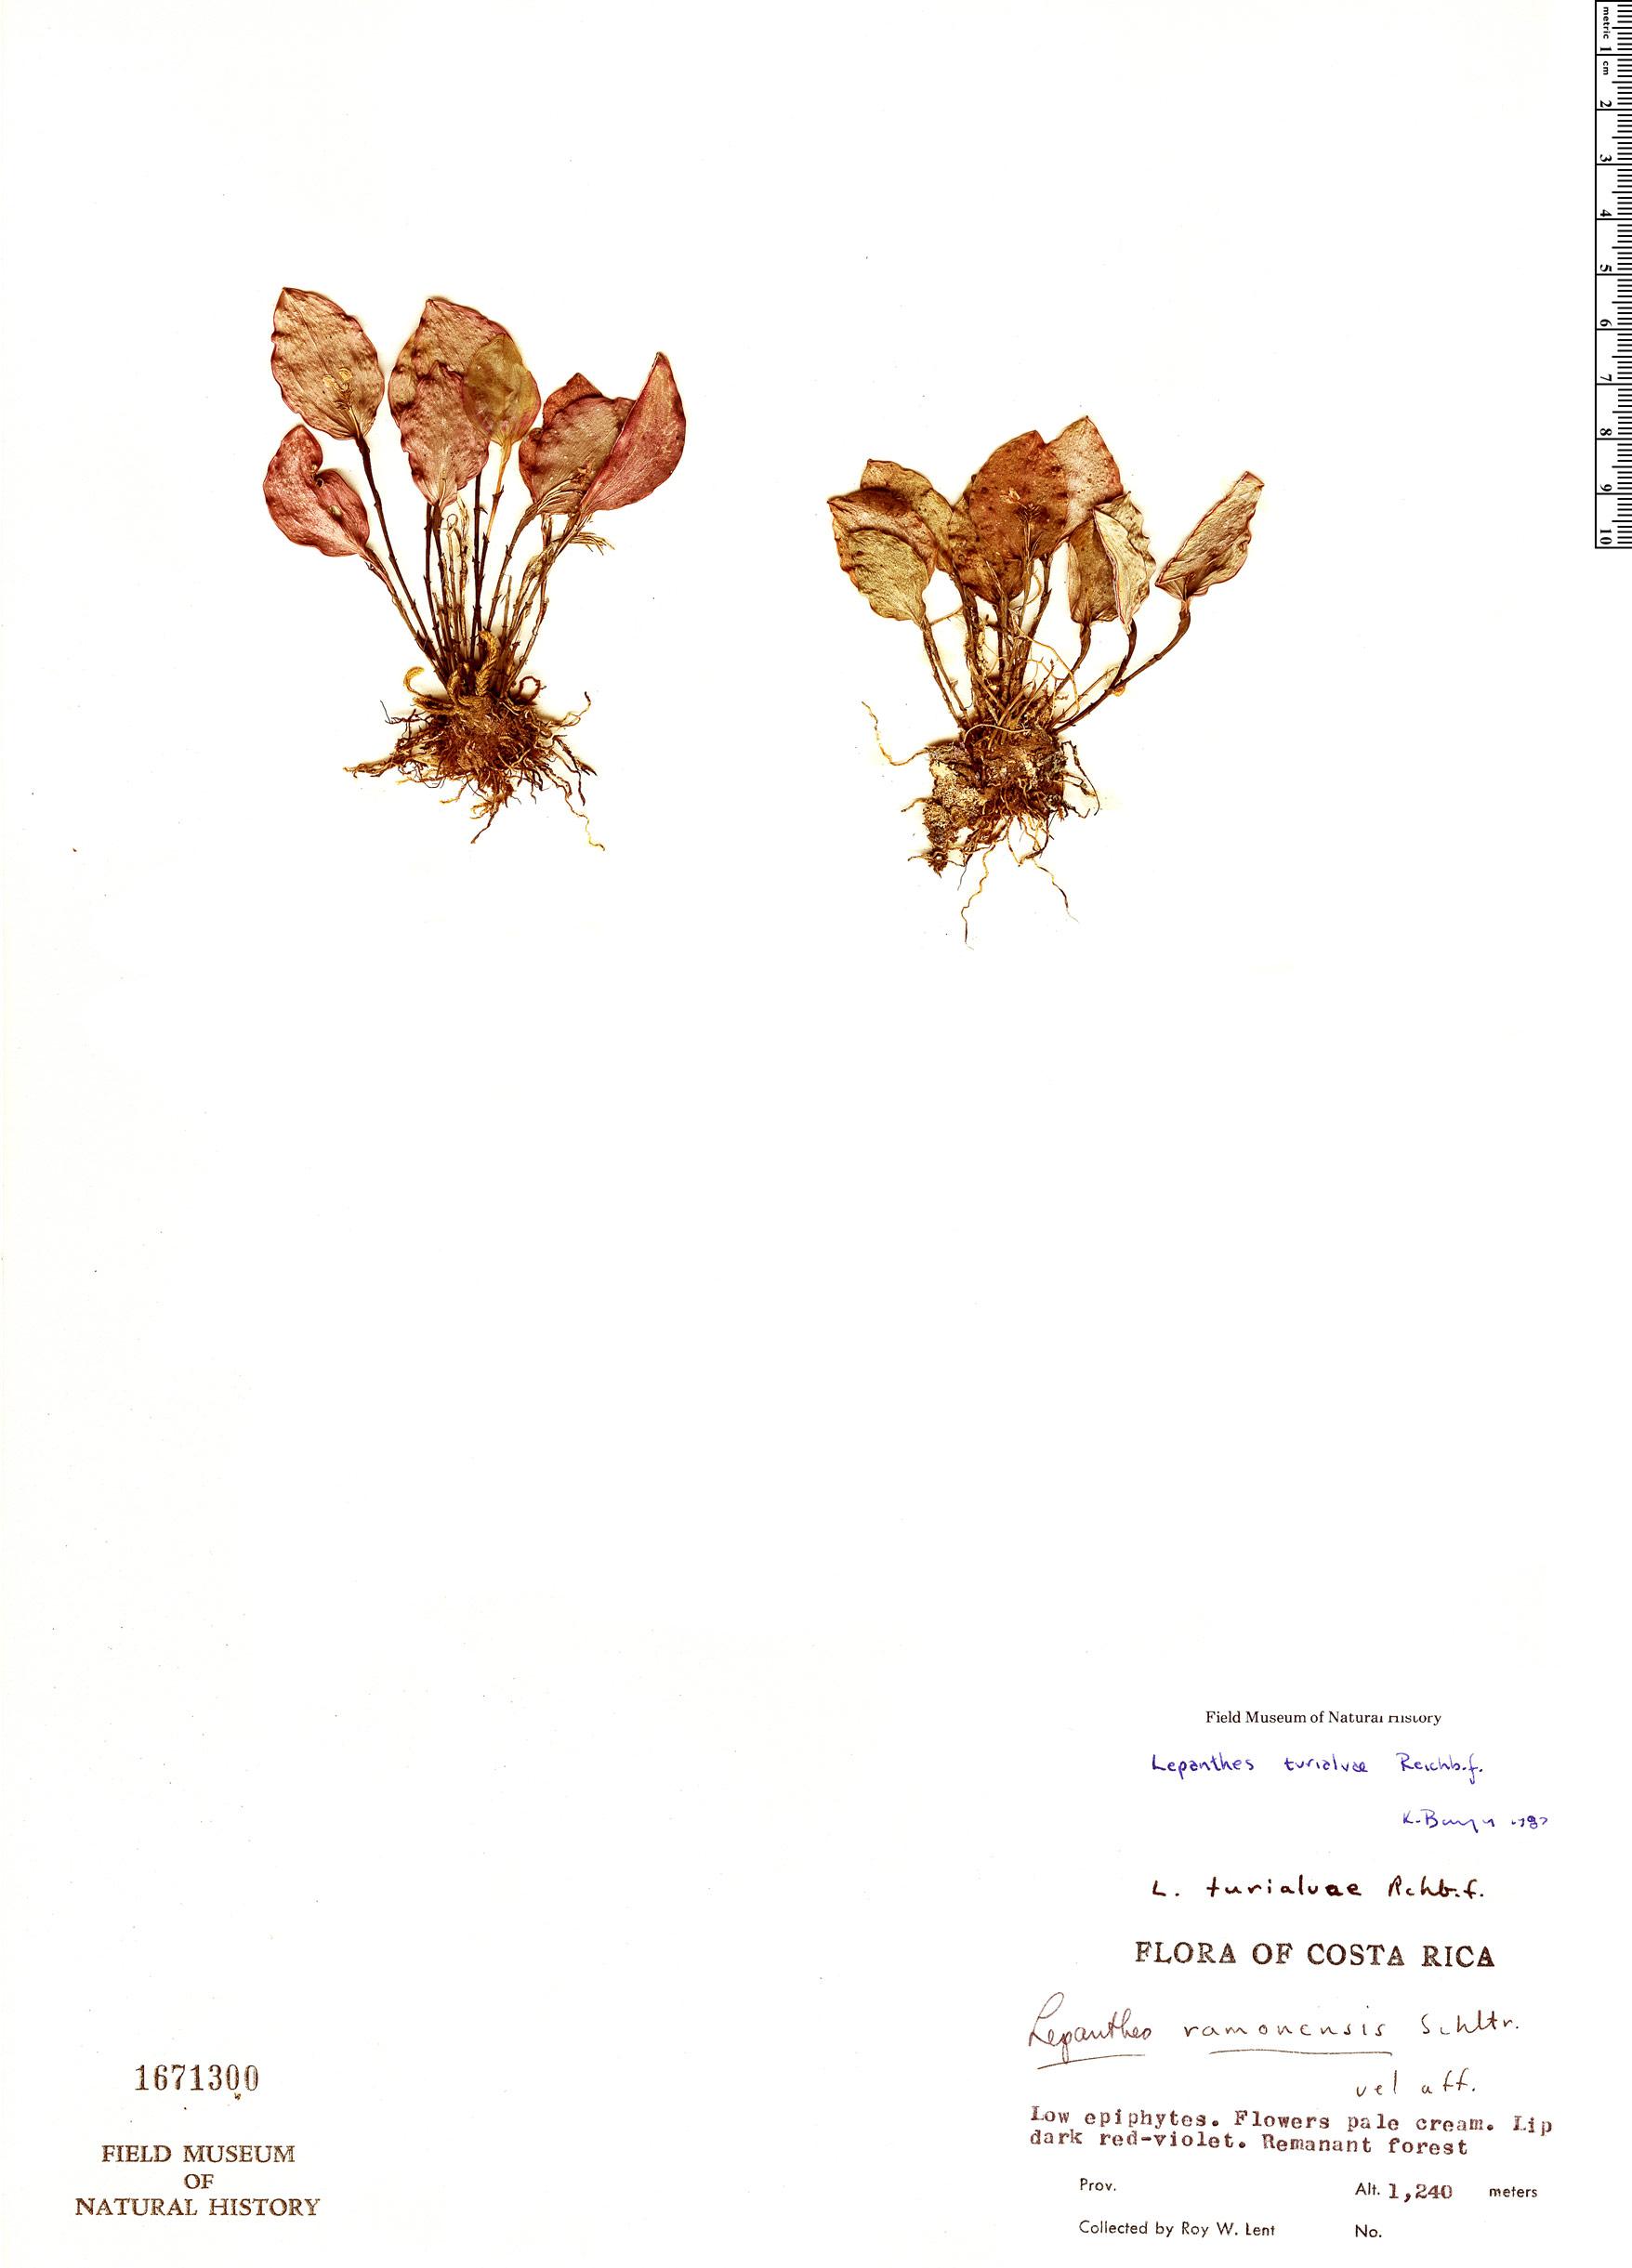 Specimen: Lepanthes turialvae